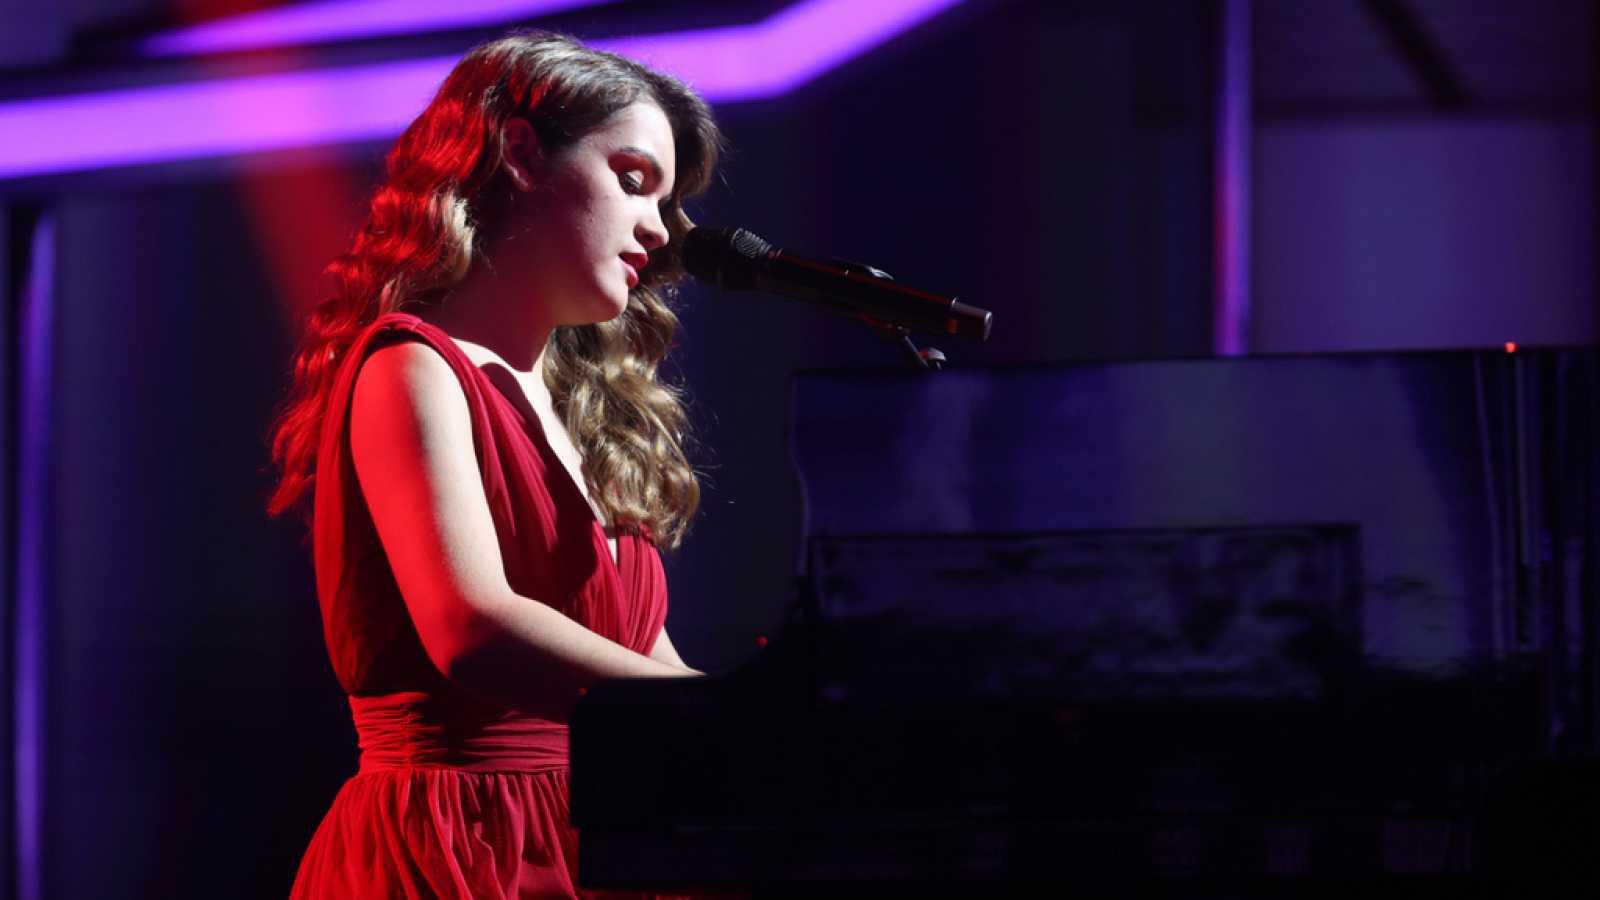 8d5b1f2ca5 Para todos los públicos Operación Triunfo - Amaia vuelve a hacer historia  en OT tocando el piano con  Soñar reproducir video